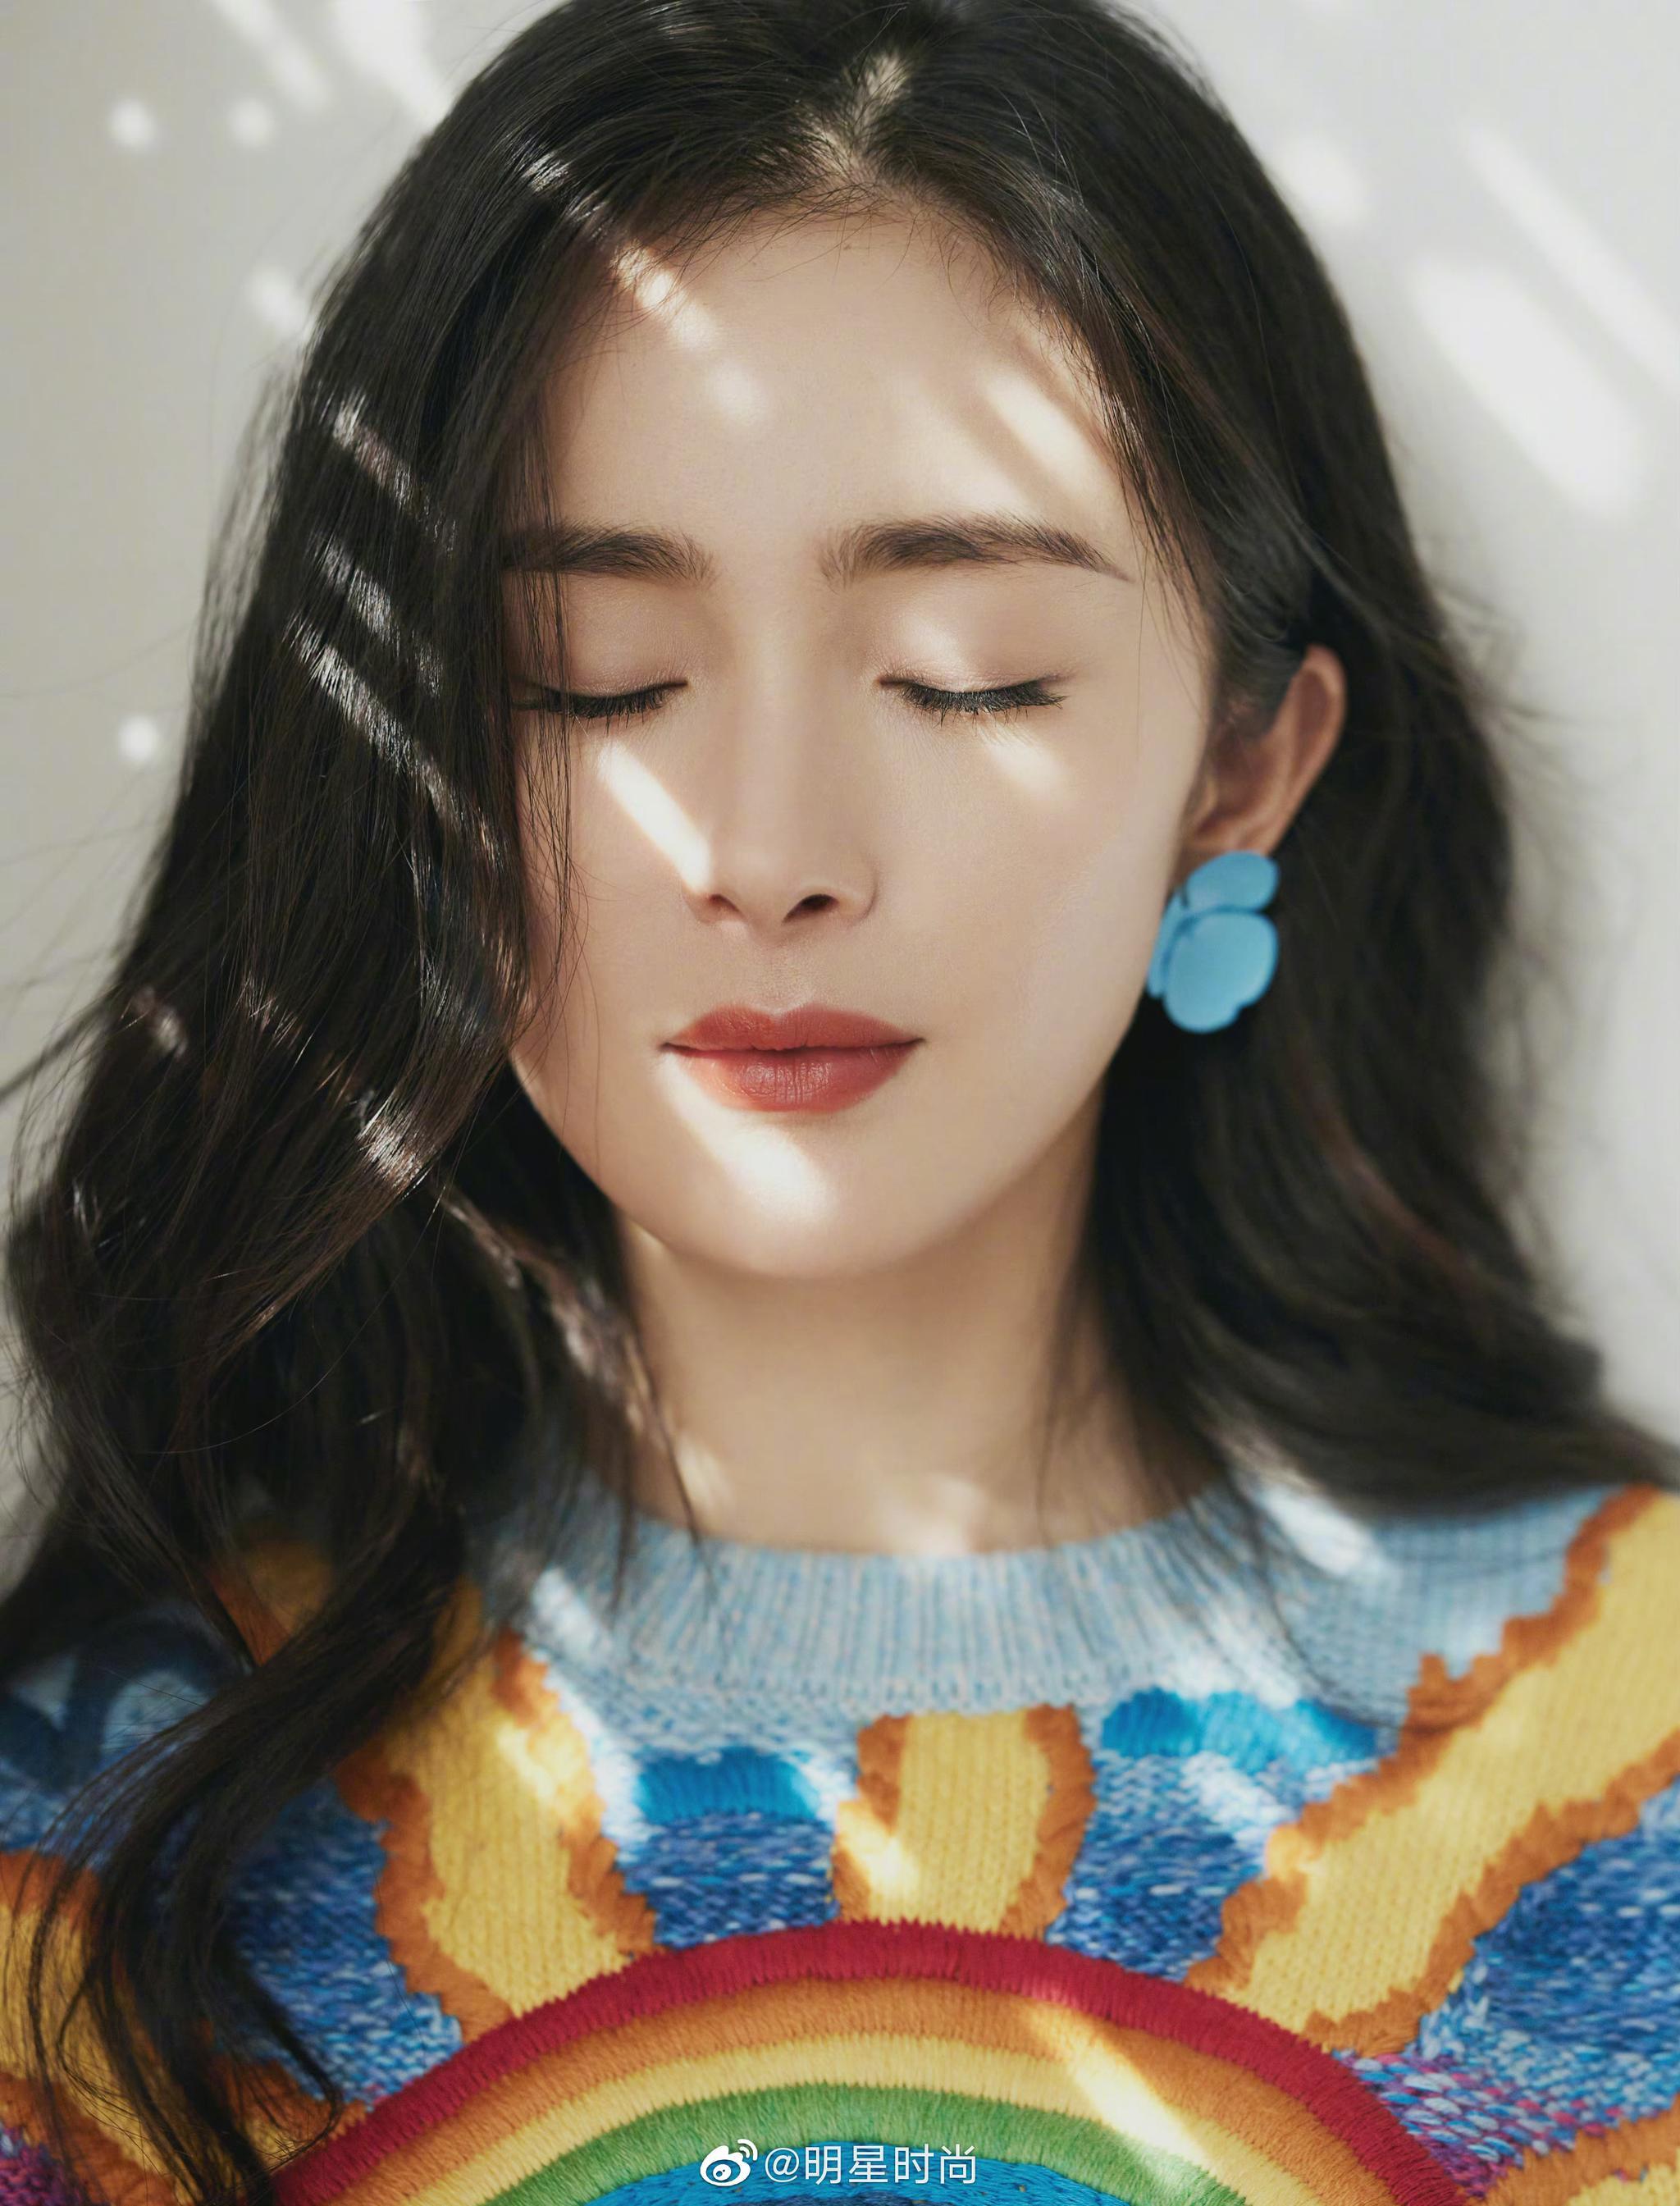 杨幂最新造型,她身着彩虹毛衣搭配蓝色短裙